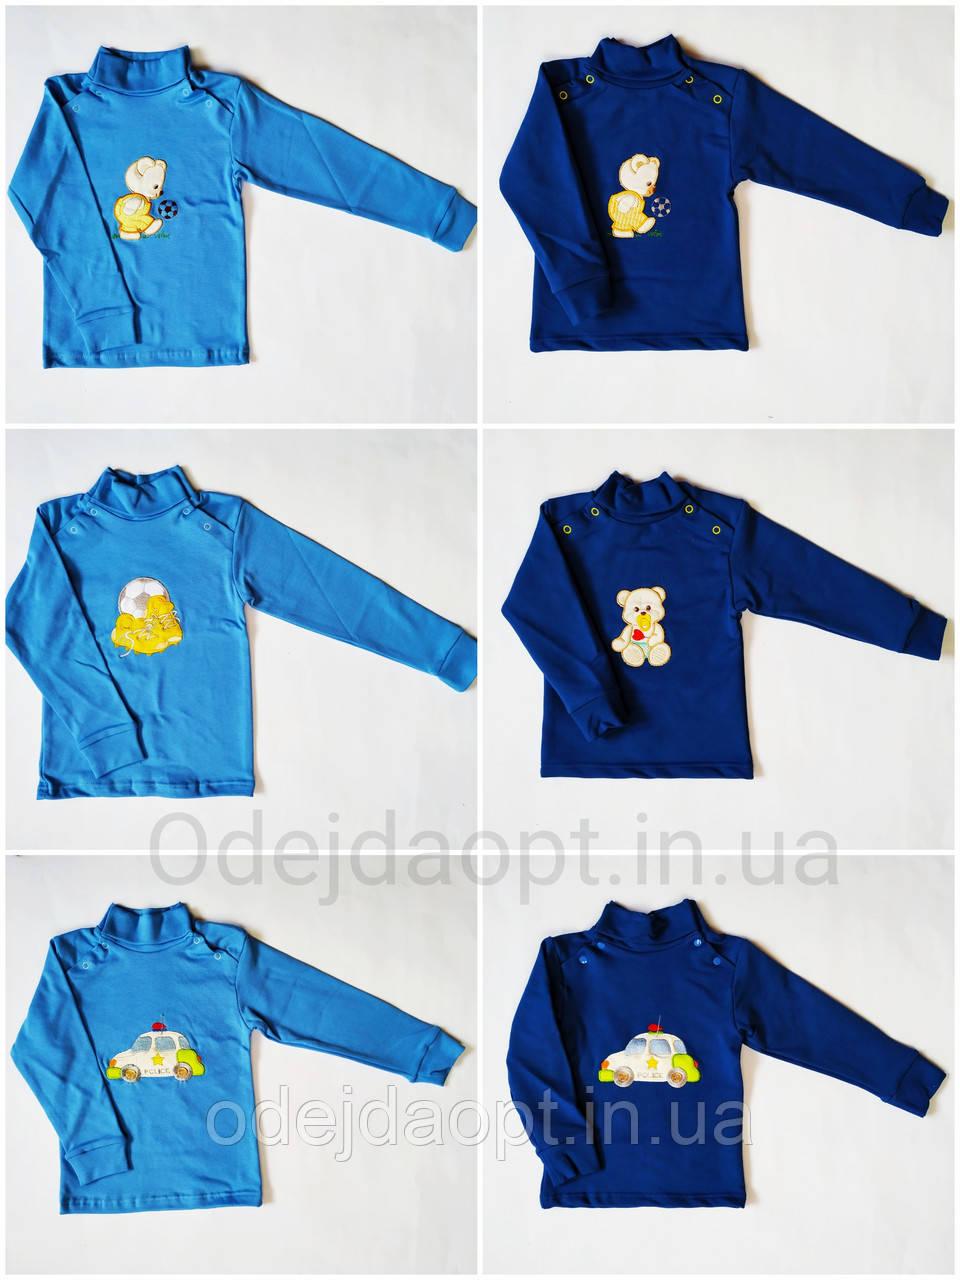 Детская теплая водолазка для мальчика на плече на кнопках 1,2,3,4,5,6 лет